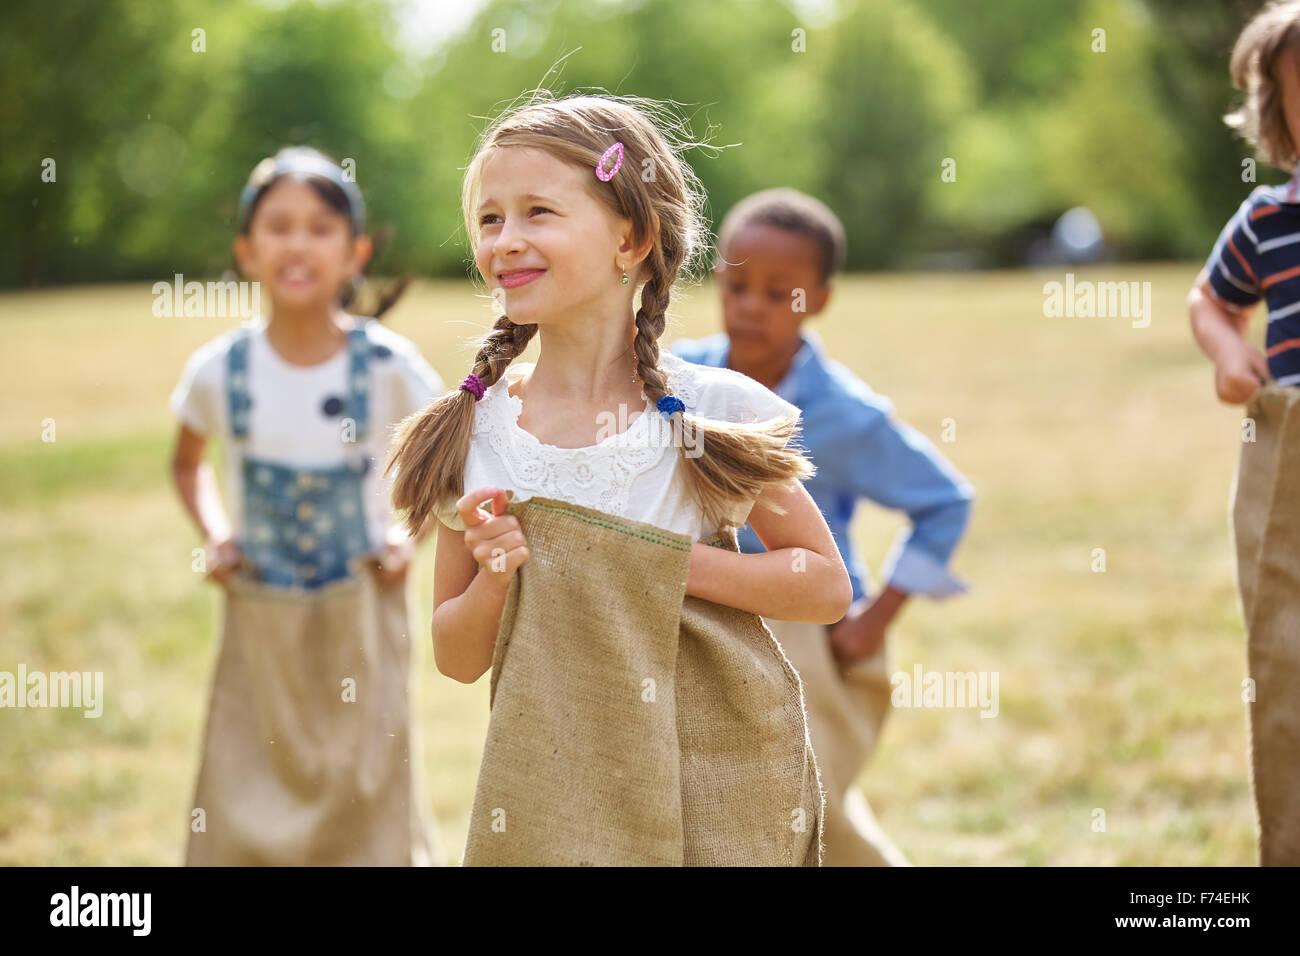 Chica con cabello trenzado en carrera de sacos en el parque Imagen De Stock